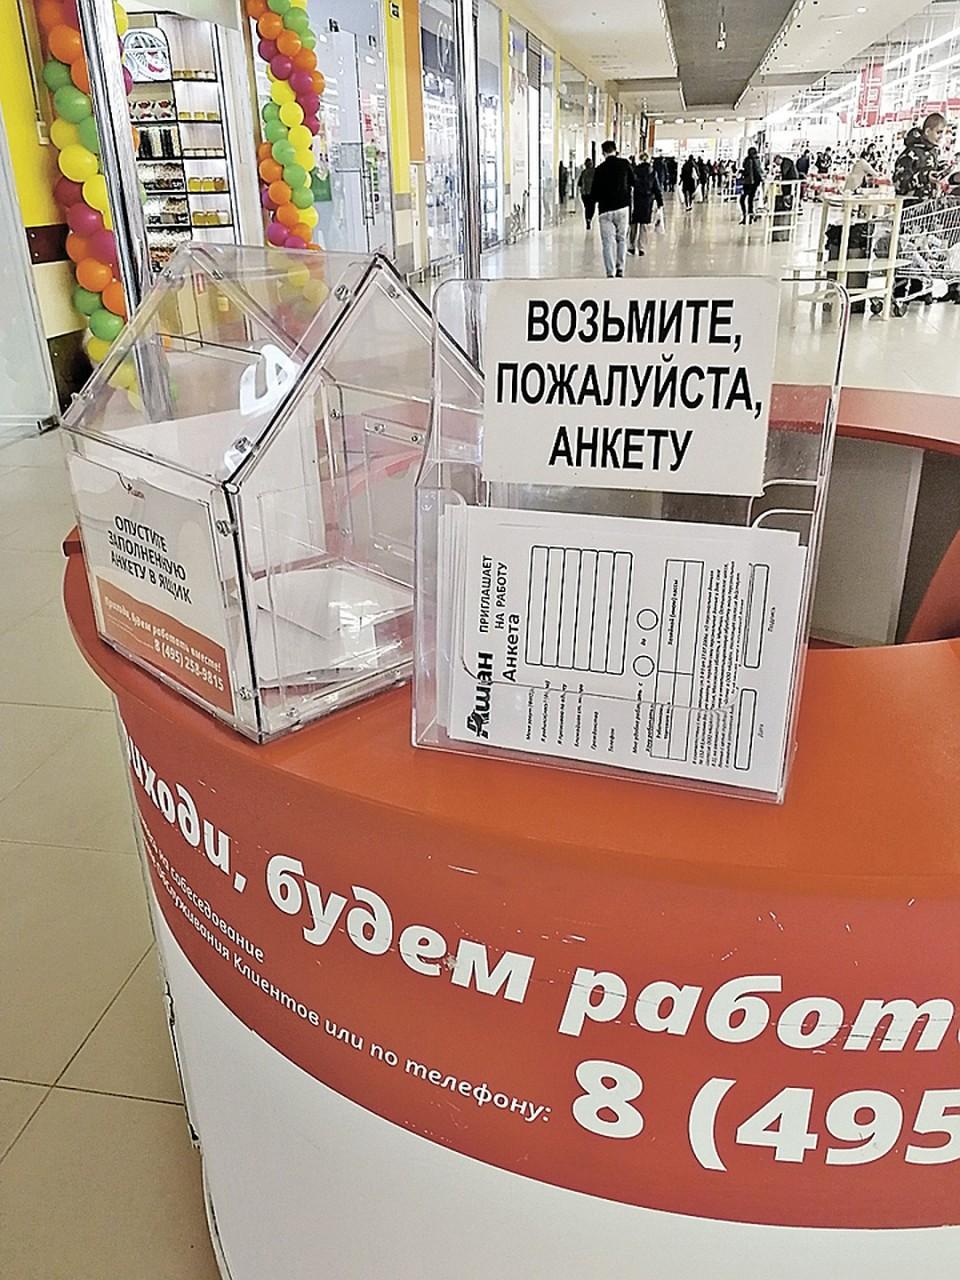 Что-то не рвались посетители супермаркета заполнять анкету, предлагающую поработать... Фото: Владимир ПЕРЕКРЕСТ